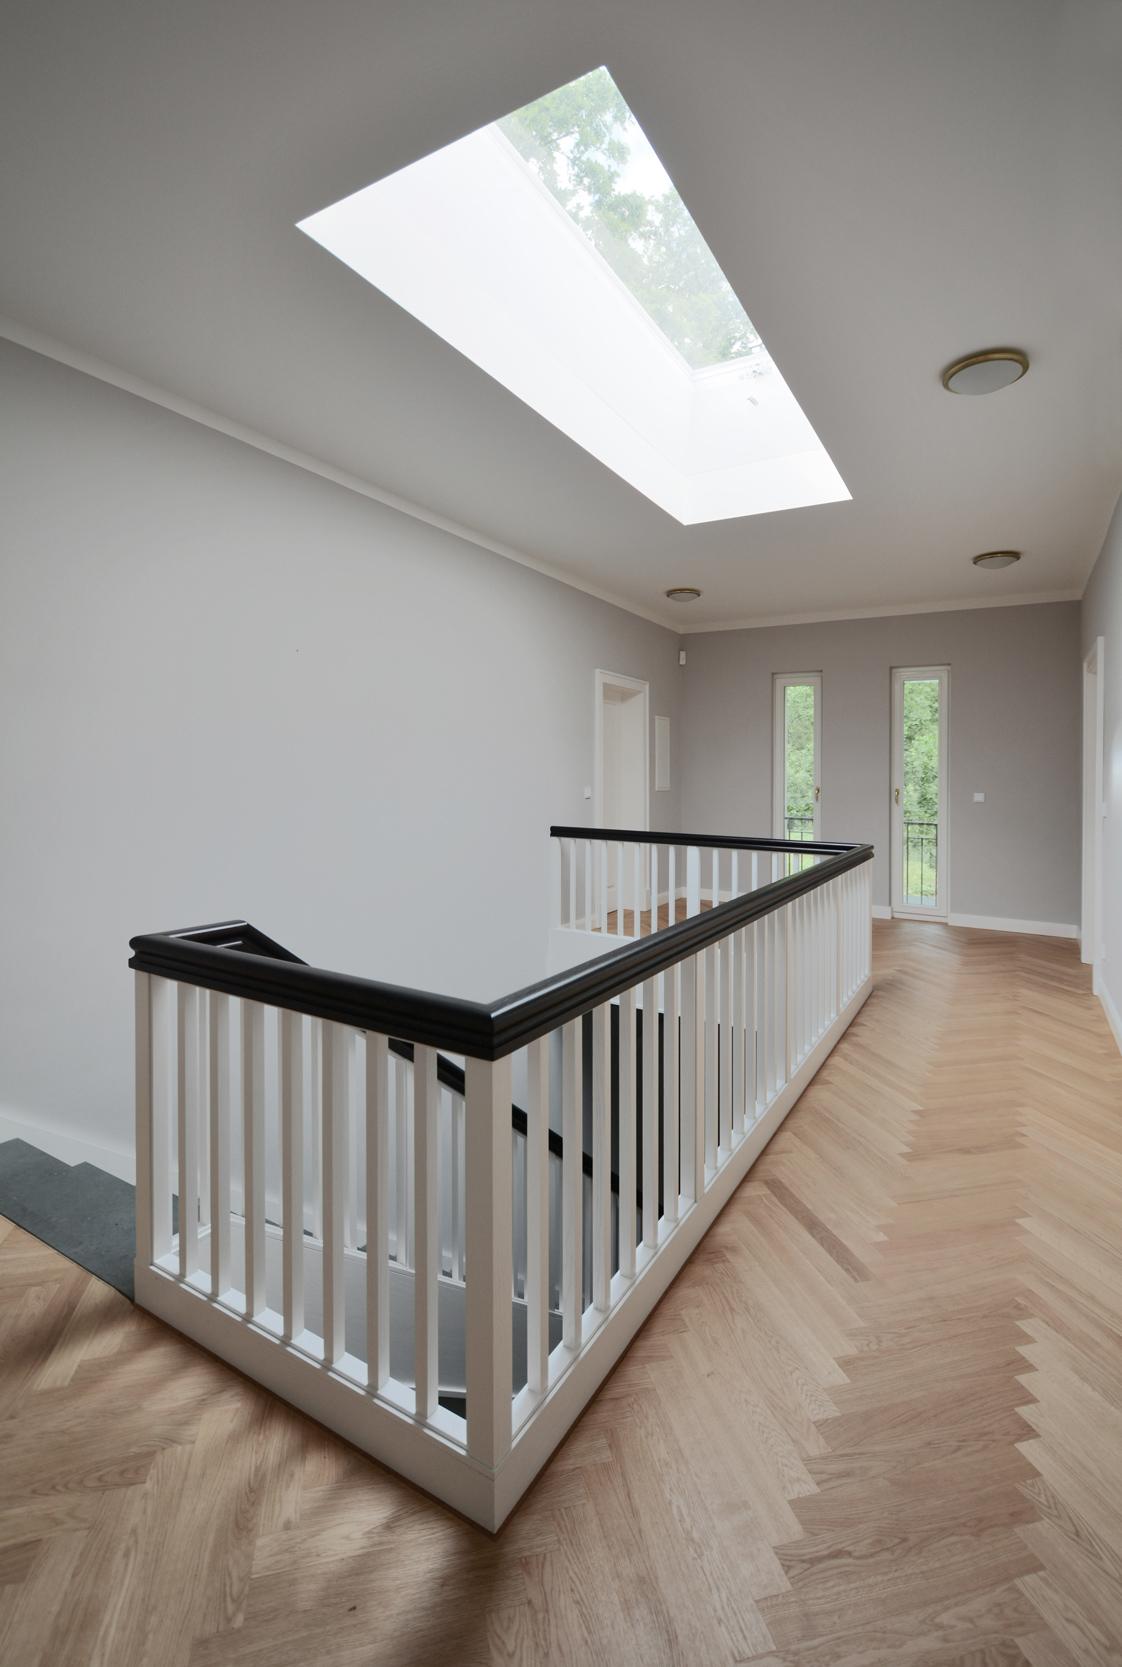 Die Galerie im Obergeschoss mit einer Balustrade in der Geometrie des Oberlichts.